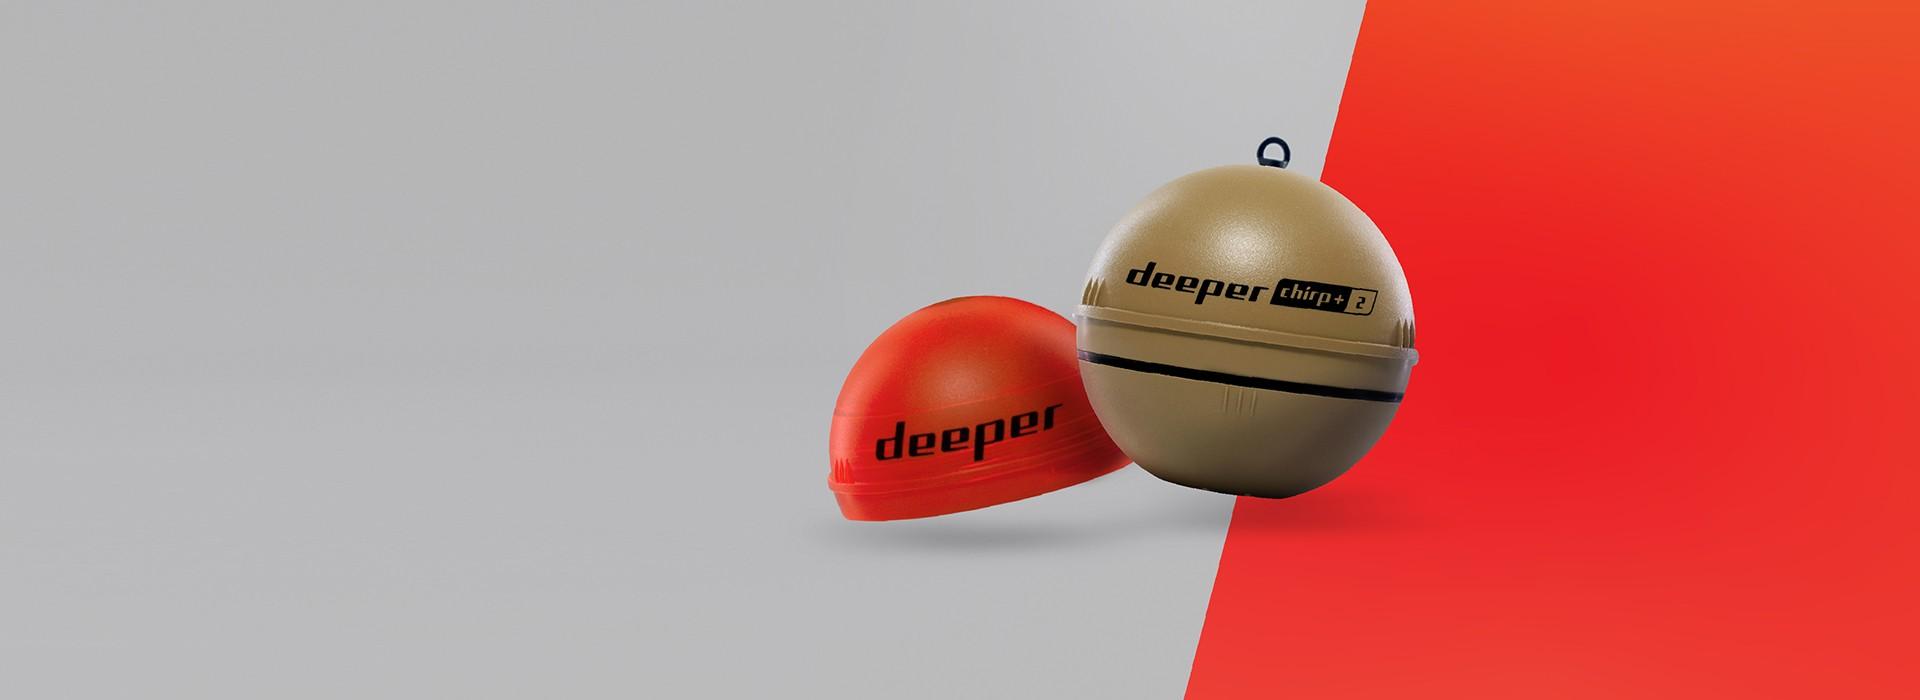 ¡Conoce el nuevoDeeper CHIRP+ 2! El sonar más potente que hemos fabricado. Por ahora.